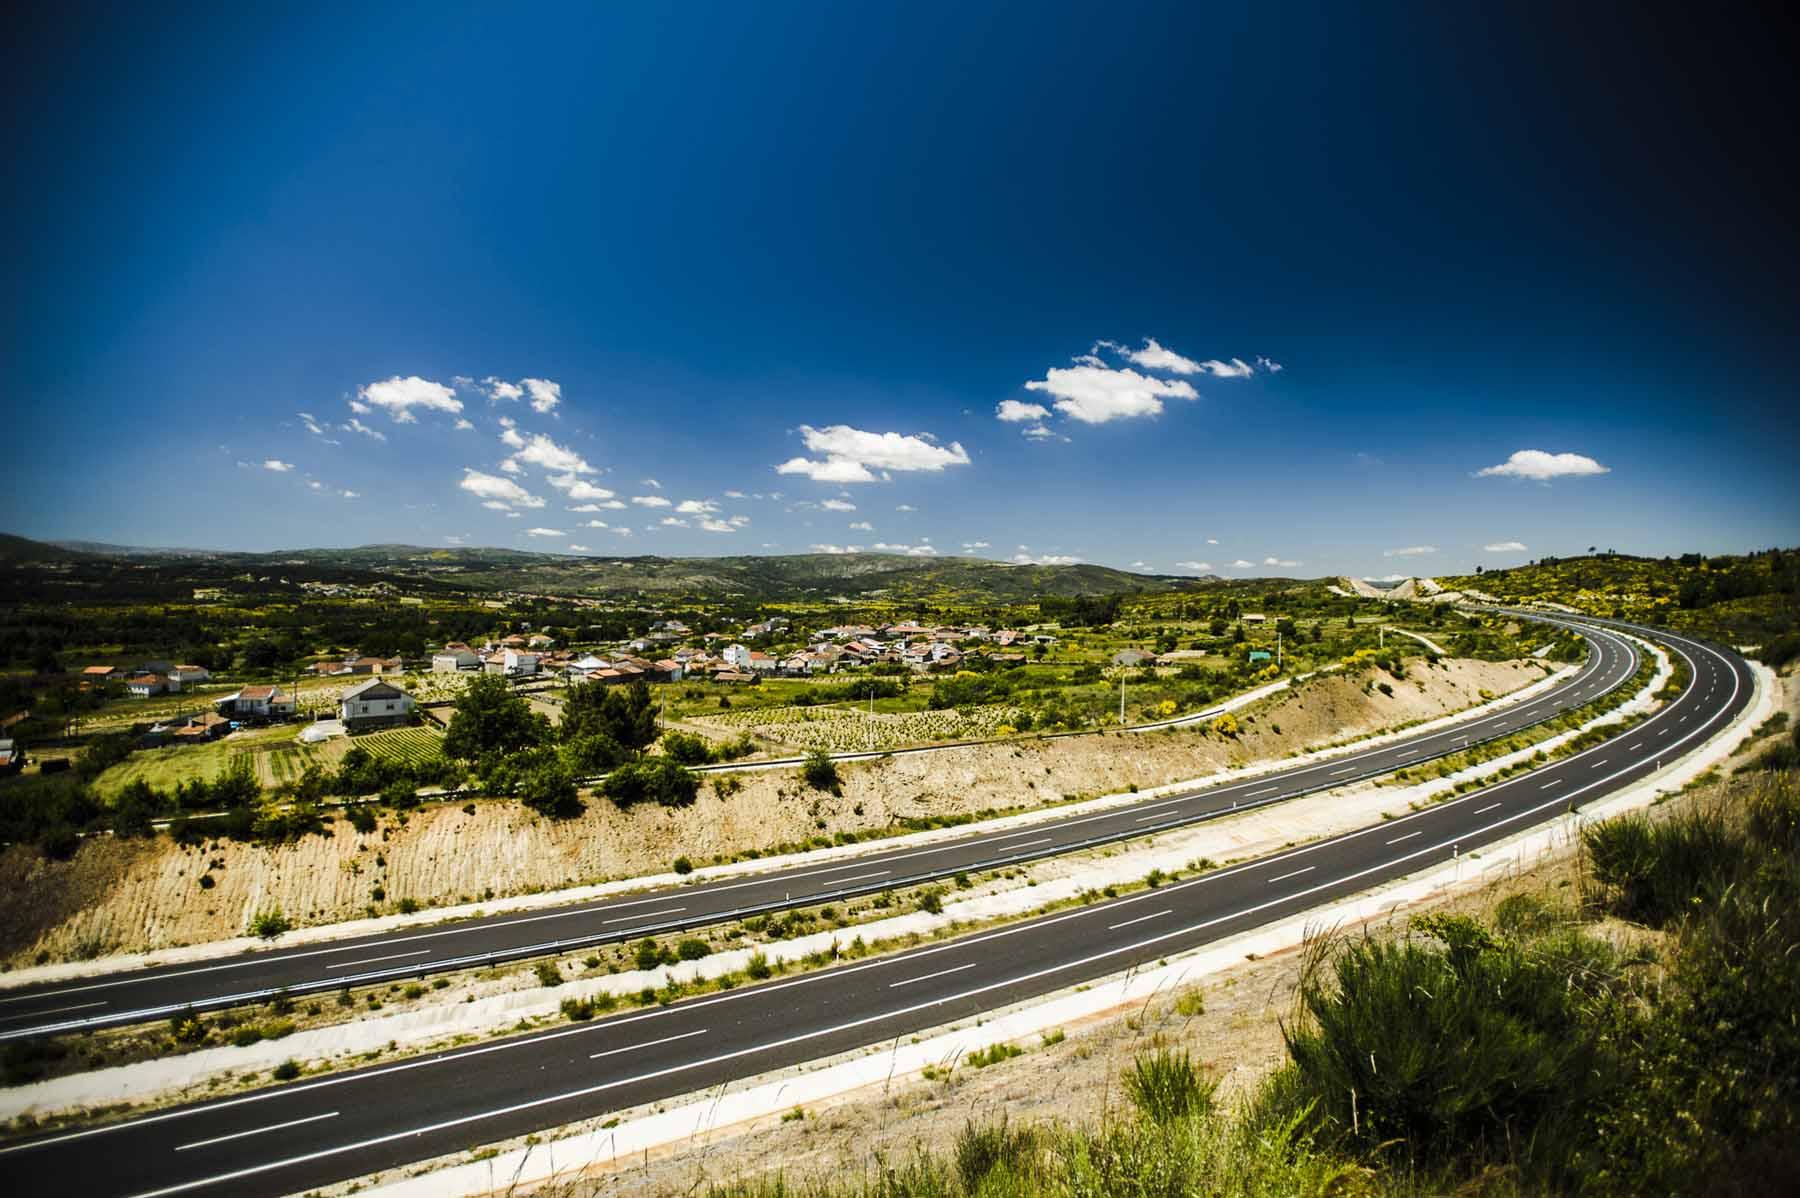 Highway A-75 Verín-Portuguese Border.